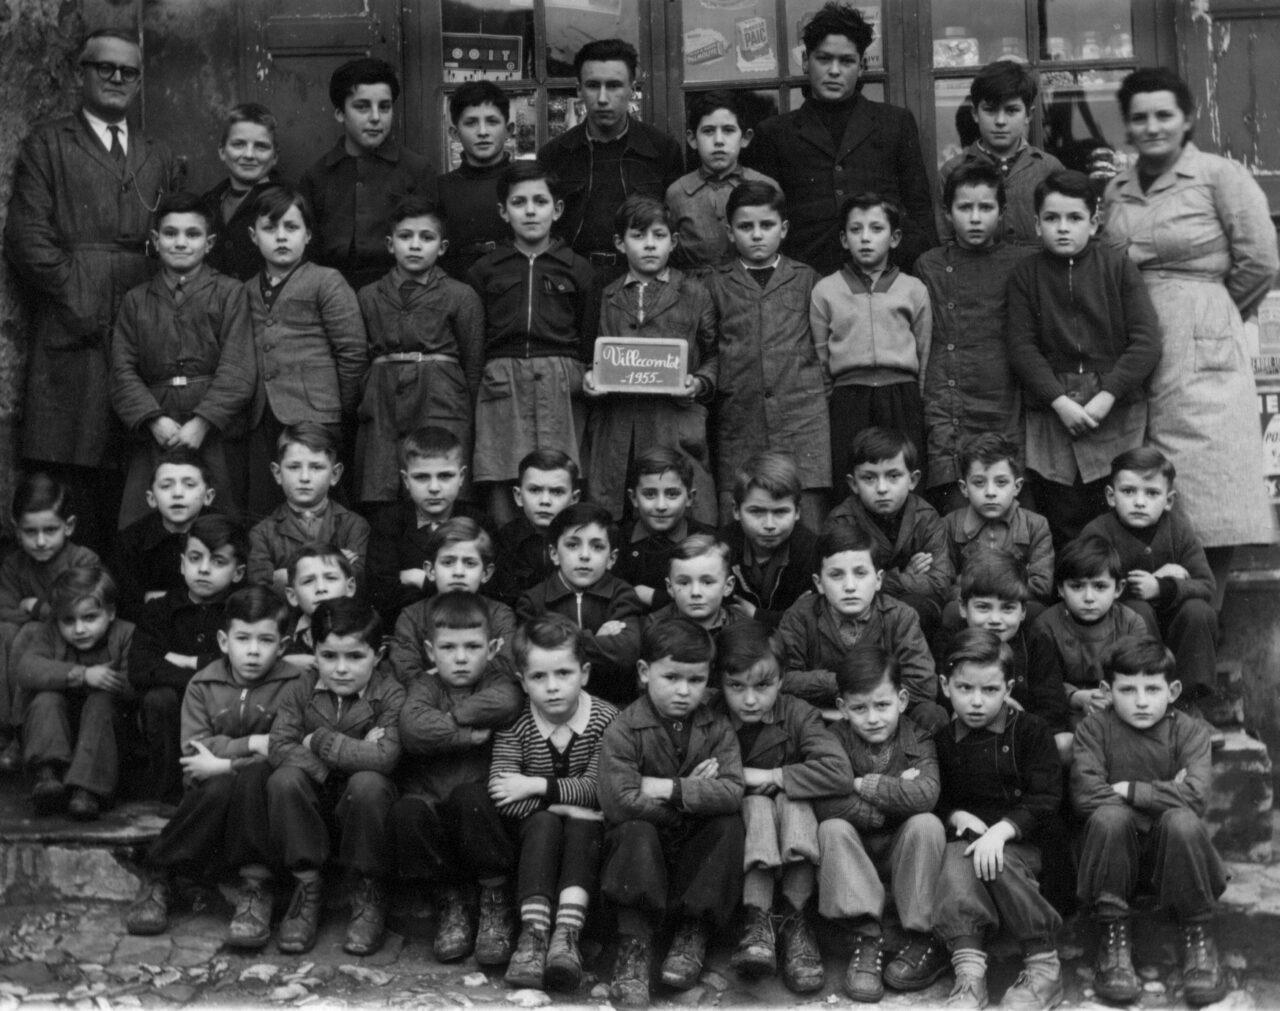 1955-1956 Villecomtal